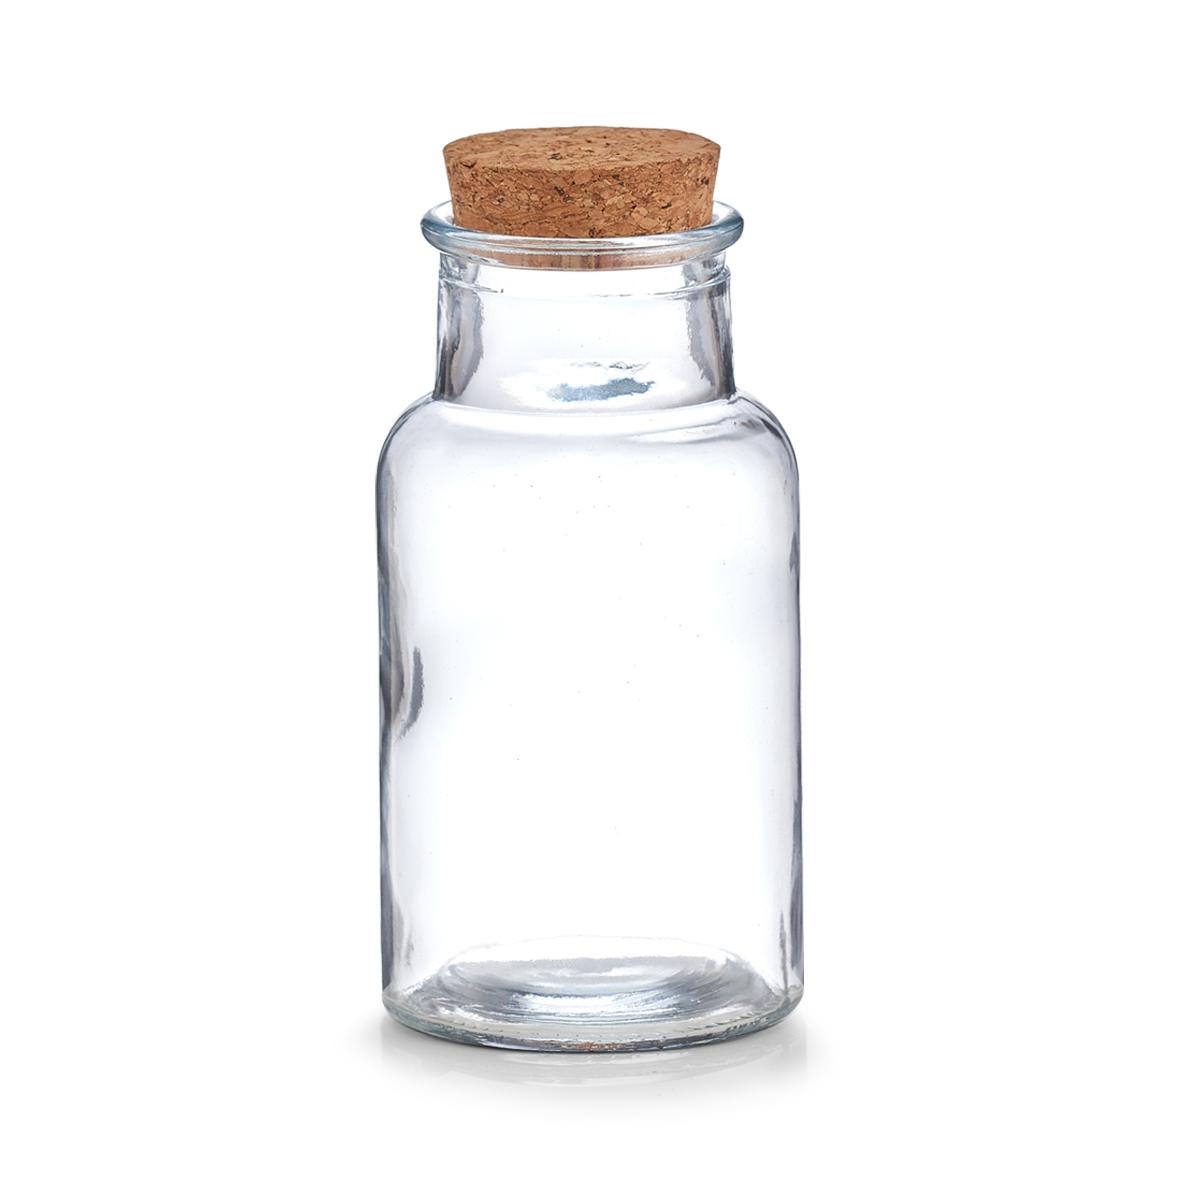 Borcan pentru depozitare cu capac din pluta, Glass, 250 ml, Ø 7xH13,5 cm